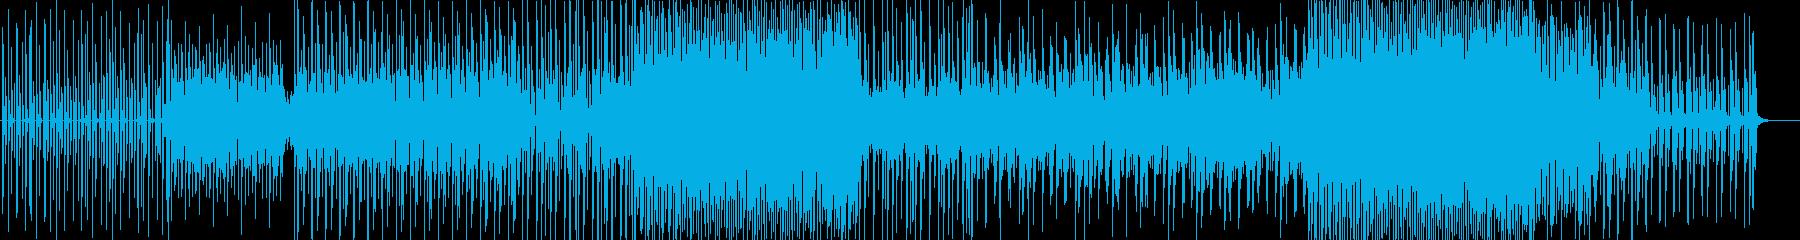 空間-シンセ-アンビエント-PV-空-星の再生済みの波形